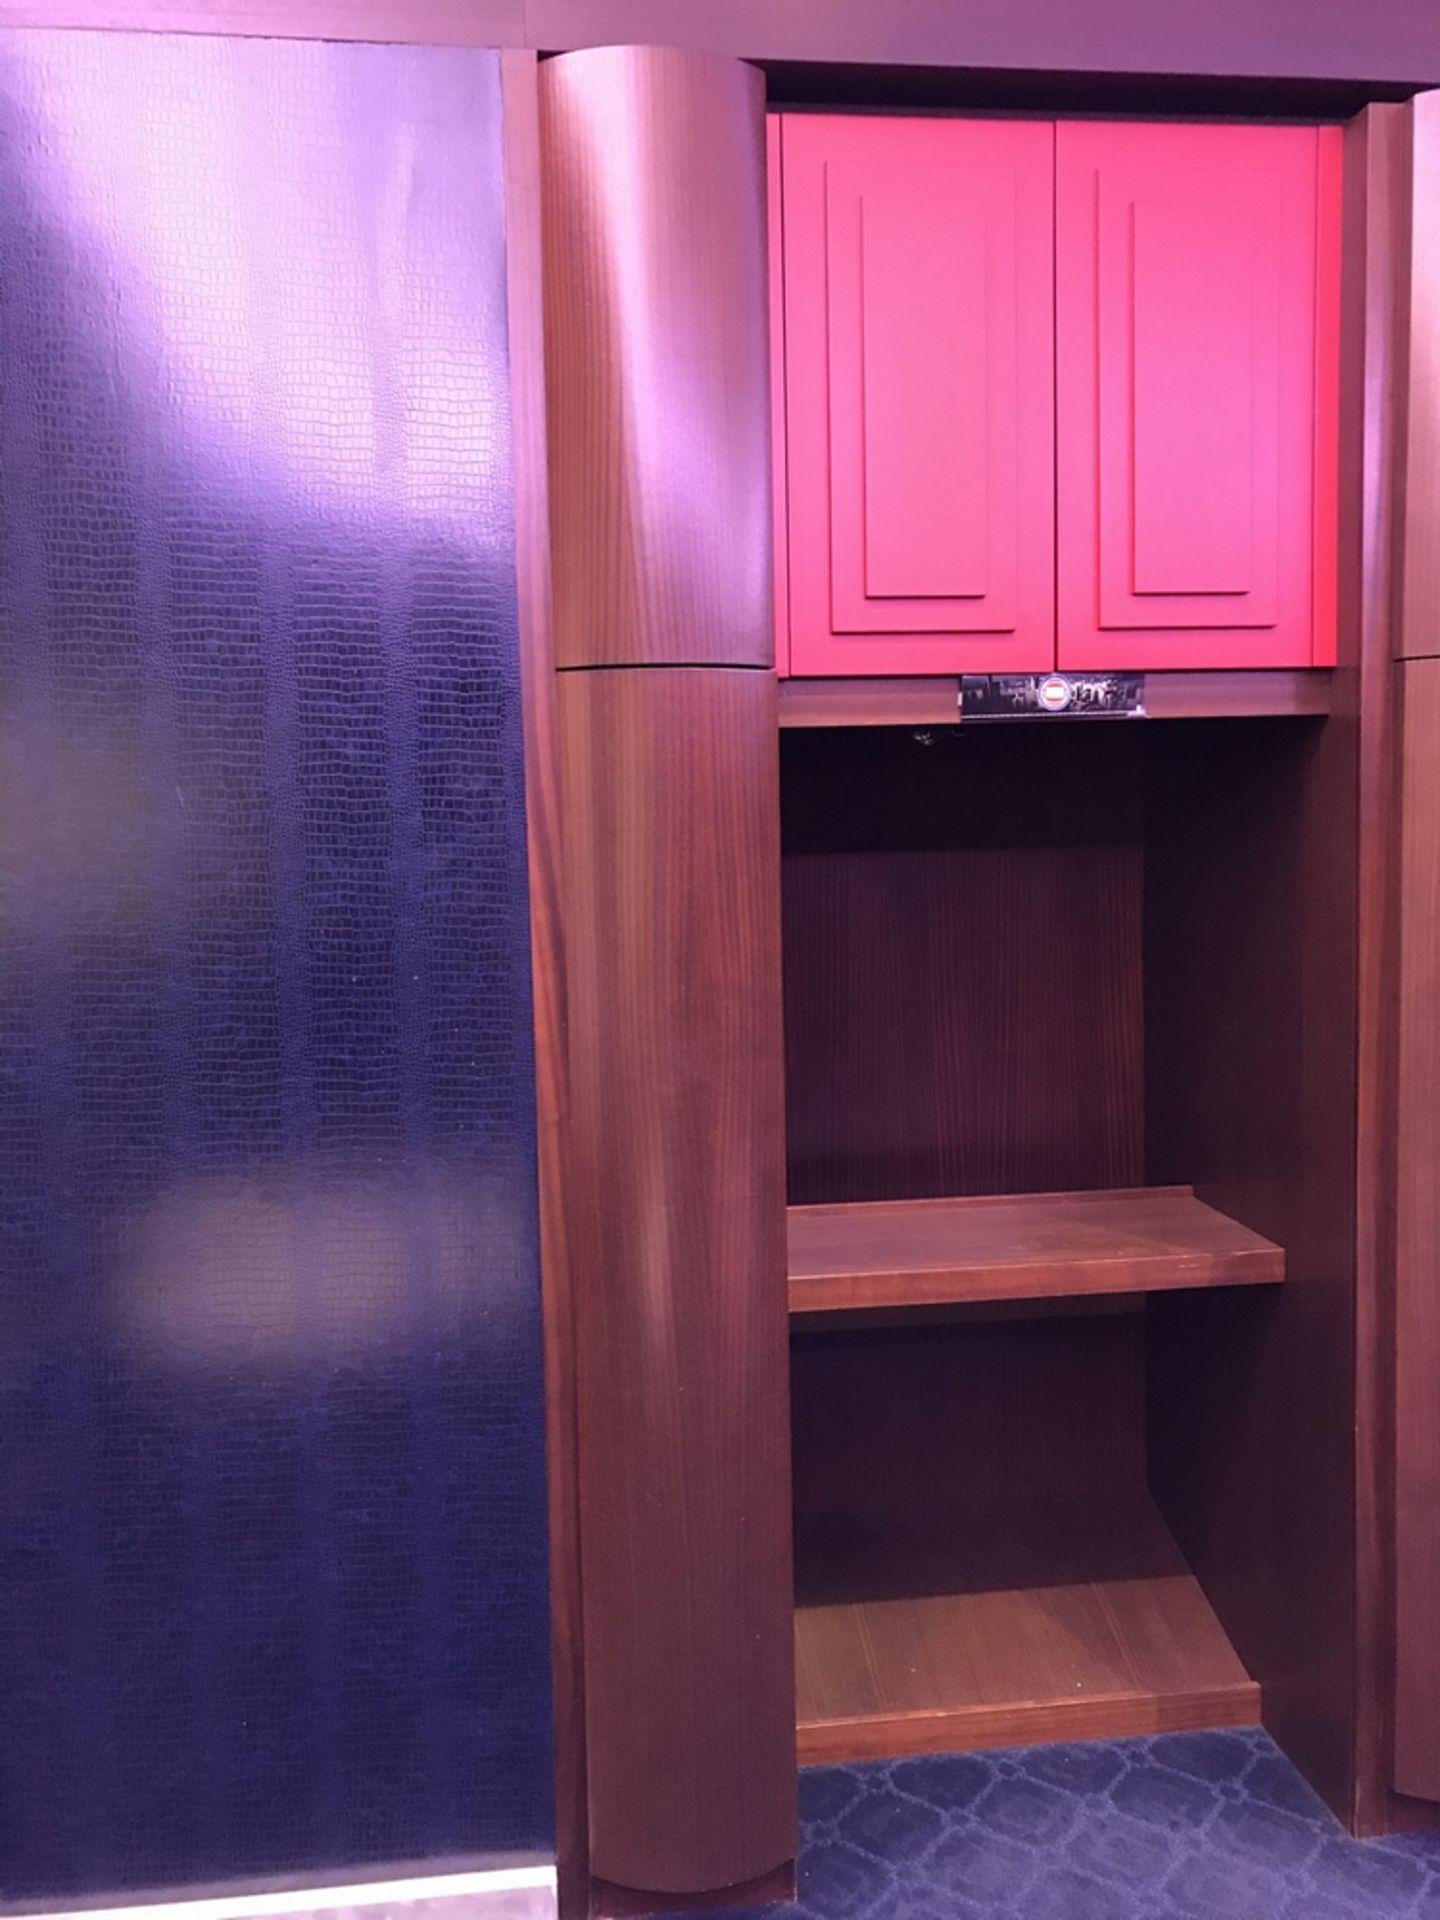 Lot 4 - Piston Player Locker , Dim. 51 in w x 107 in h x 35 in d , Location: Locker Room ***Note from